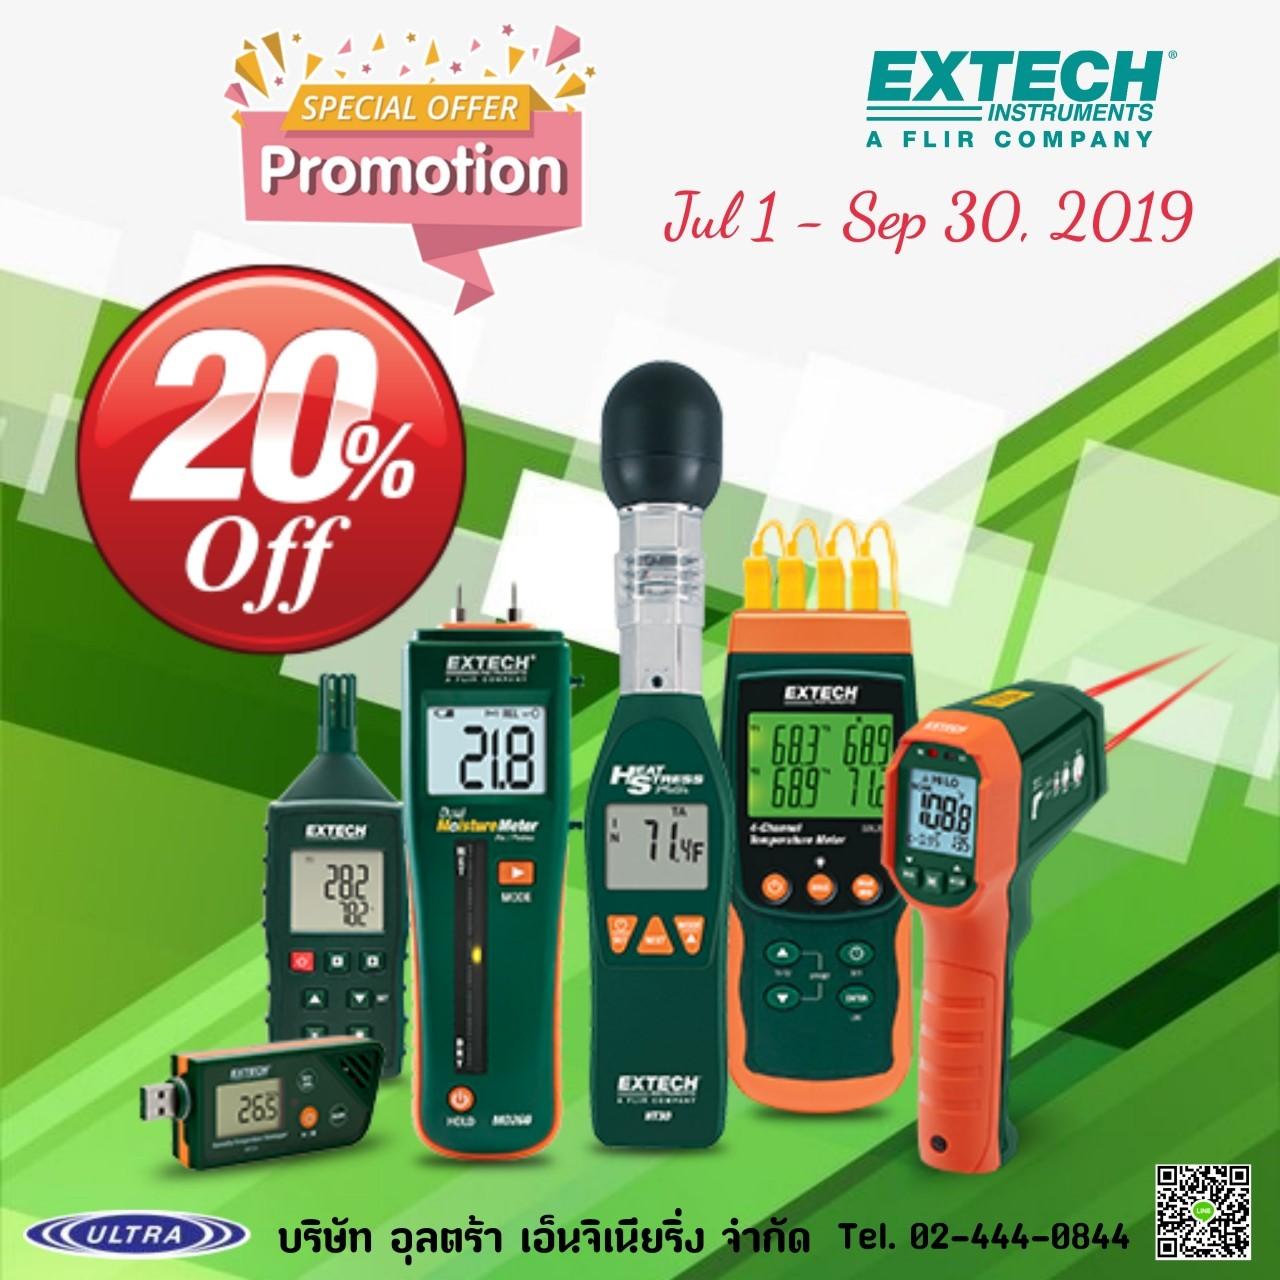 Promotion Extech Discount 20%